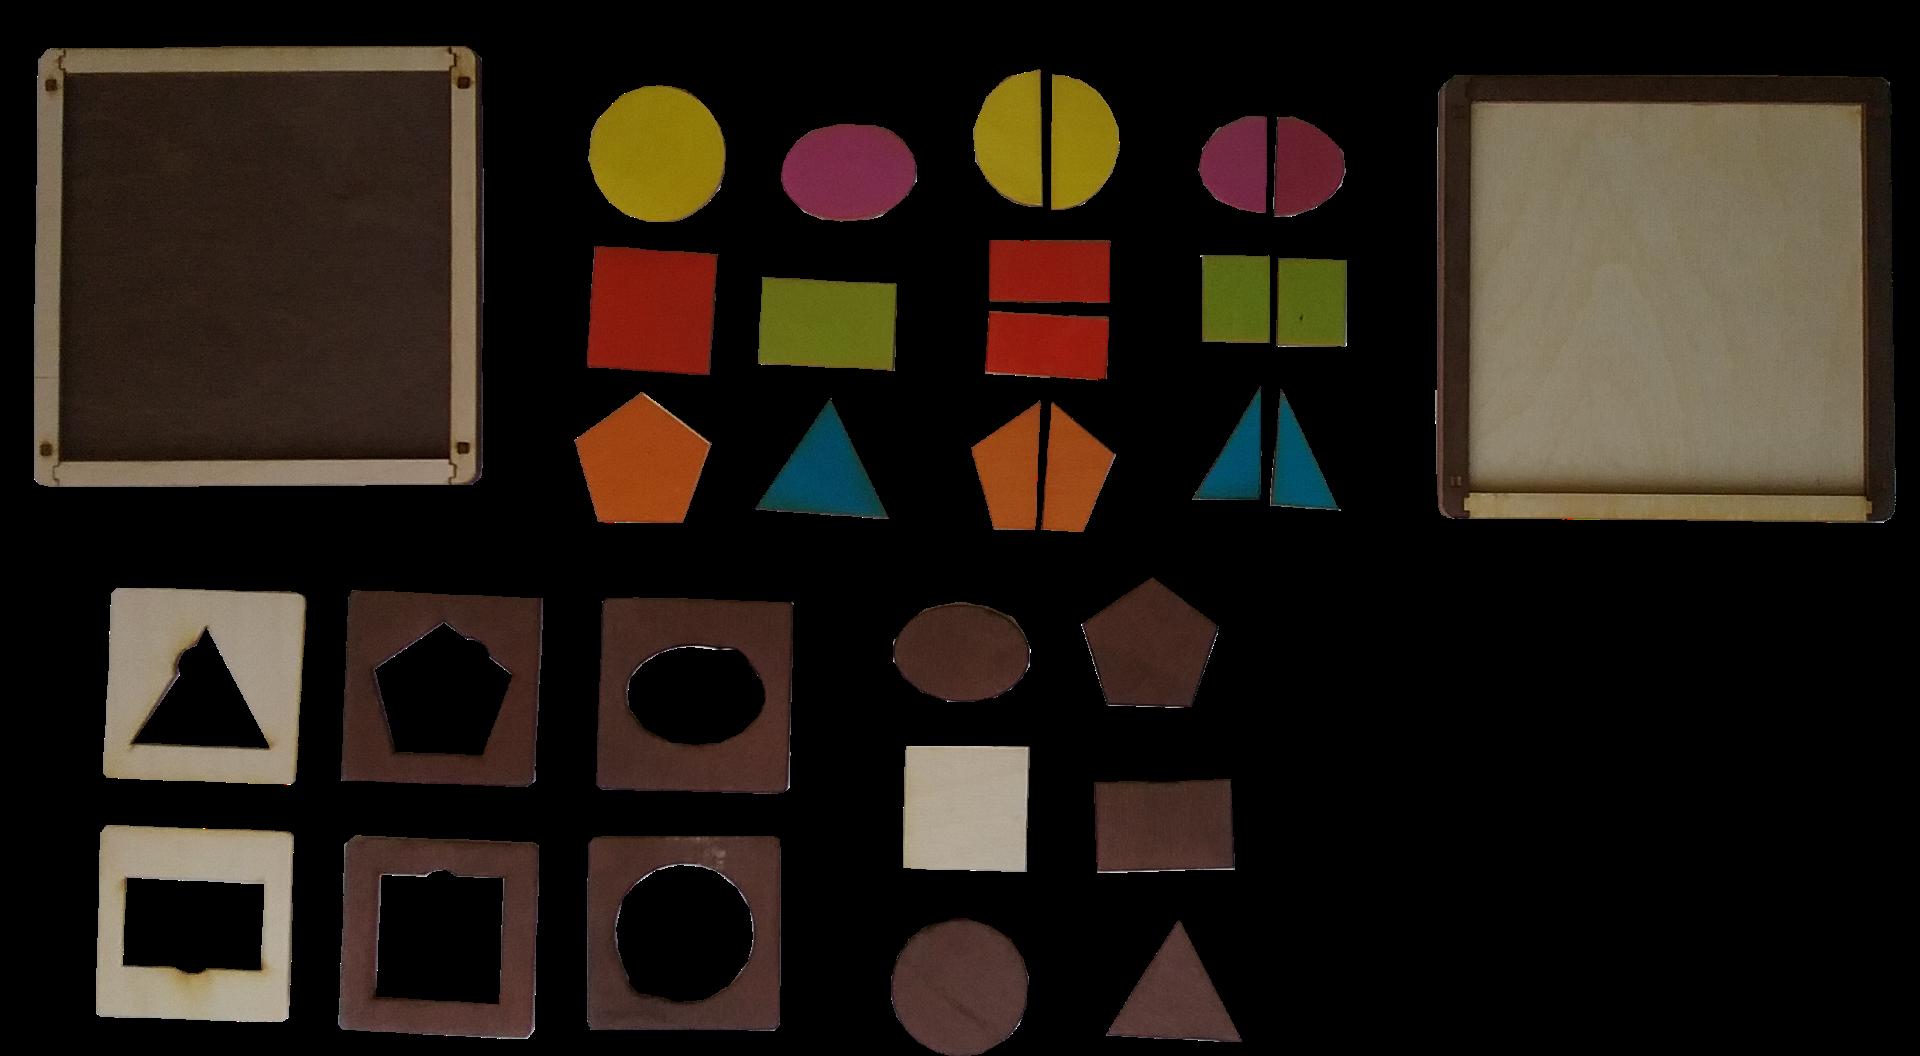 Komplektā ietilpst sešas krāsainas ģeometriskas figūras,  sešas krāsainas sadalītas ģeometriskas figūras un sešas vienkrāsainas (gaišas vai tumšas), rāmīši figūru ievietošanai un divas darba pamatnes.  Materiāls paredzēts loģiskās domāšanas, aritmētisko priekšstatu,  atmiņas un sīkās motorikas attīstīšanai.